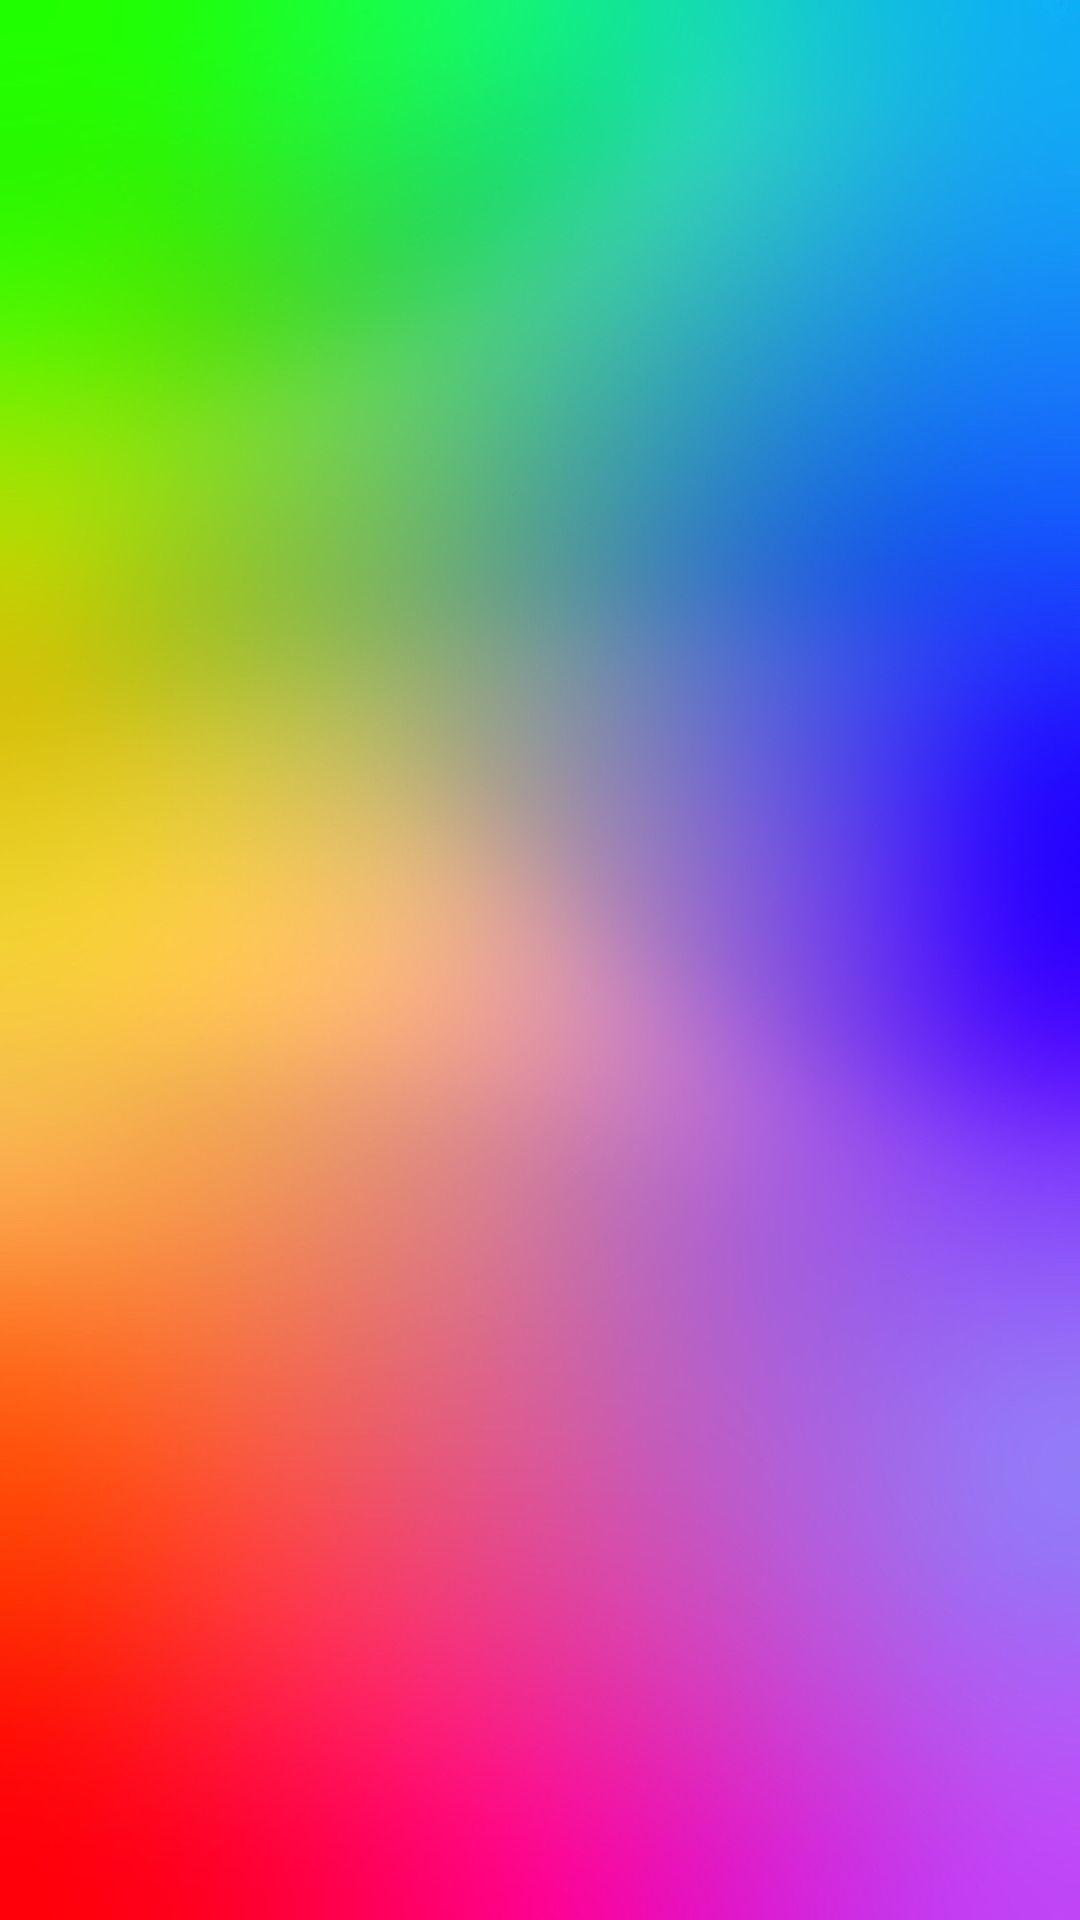 Blur Wallpaper Wallpaper Iphone Neon Abstract Wallpaper